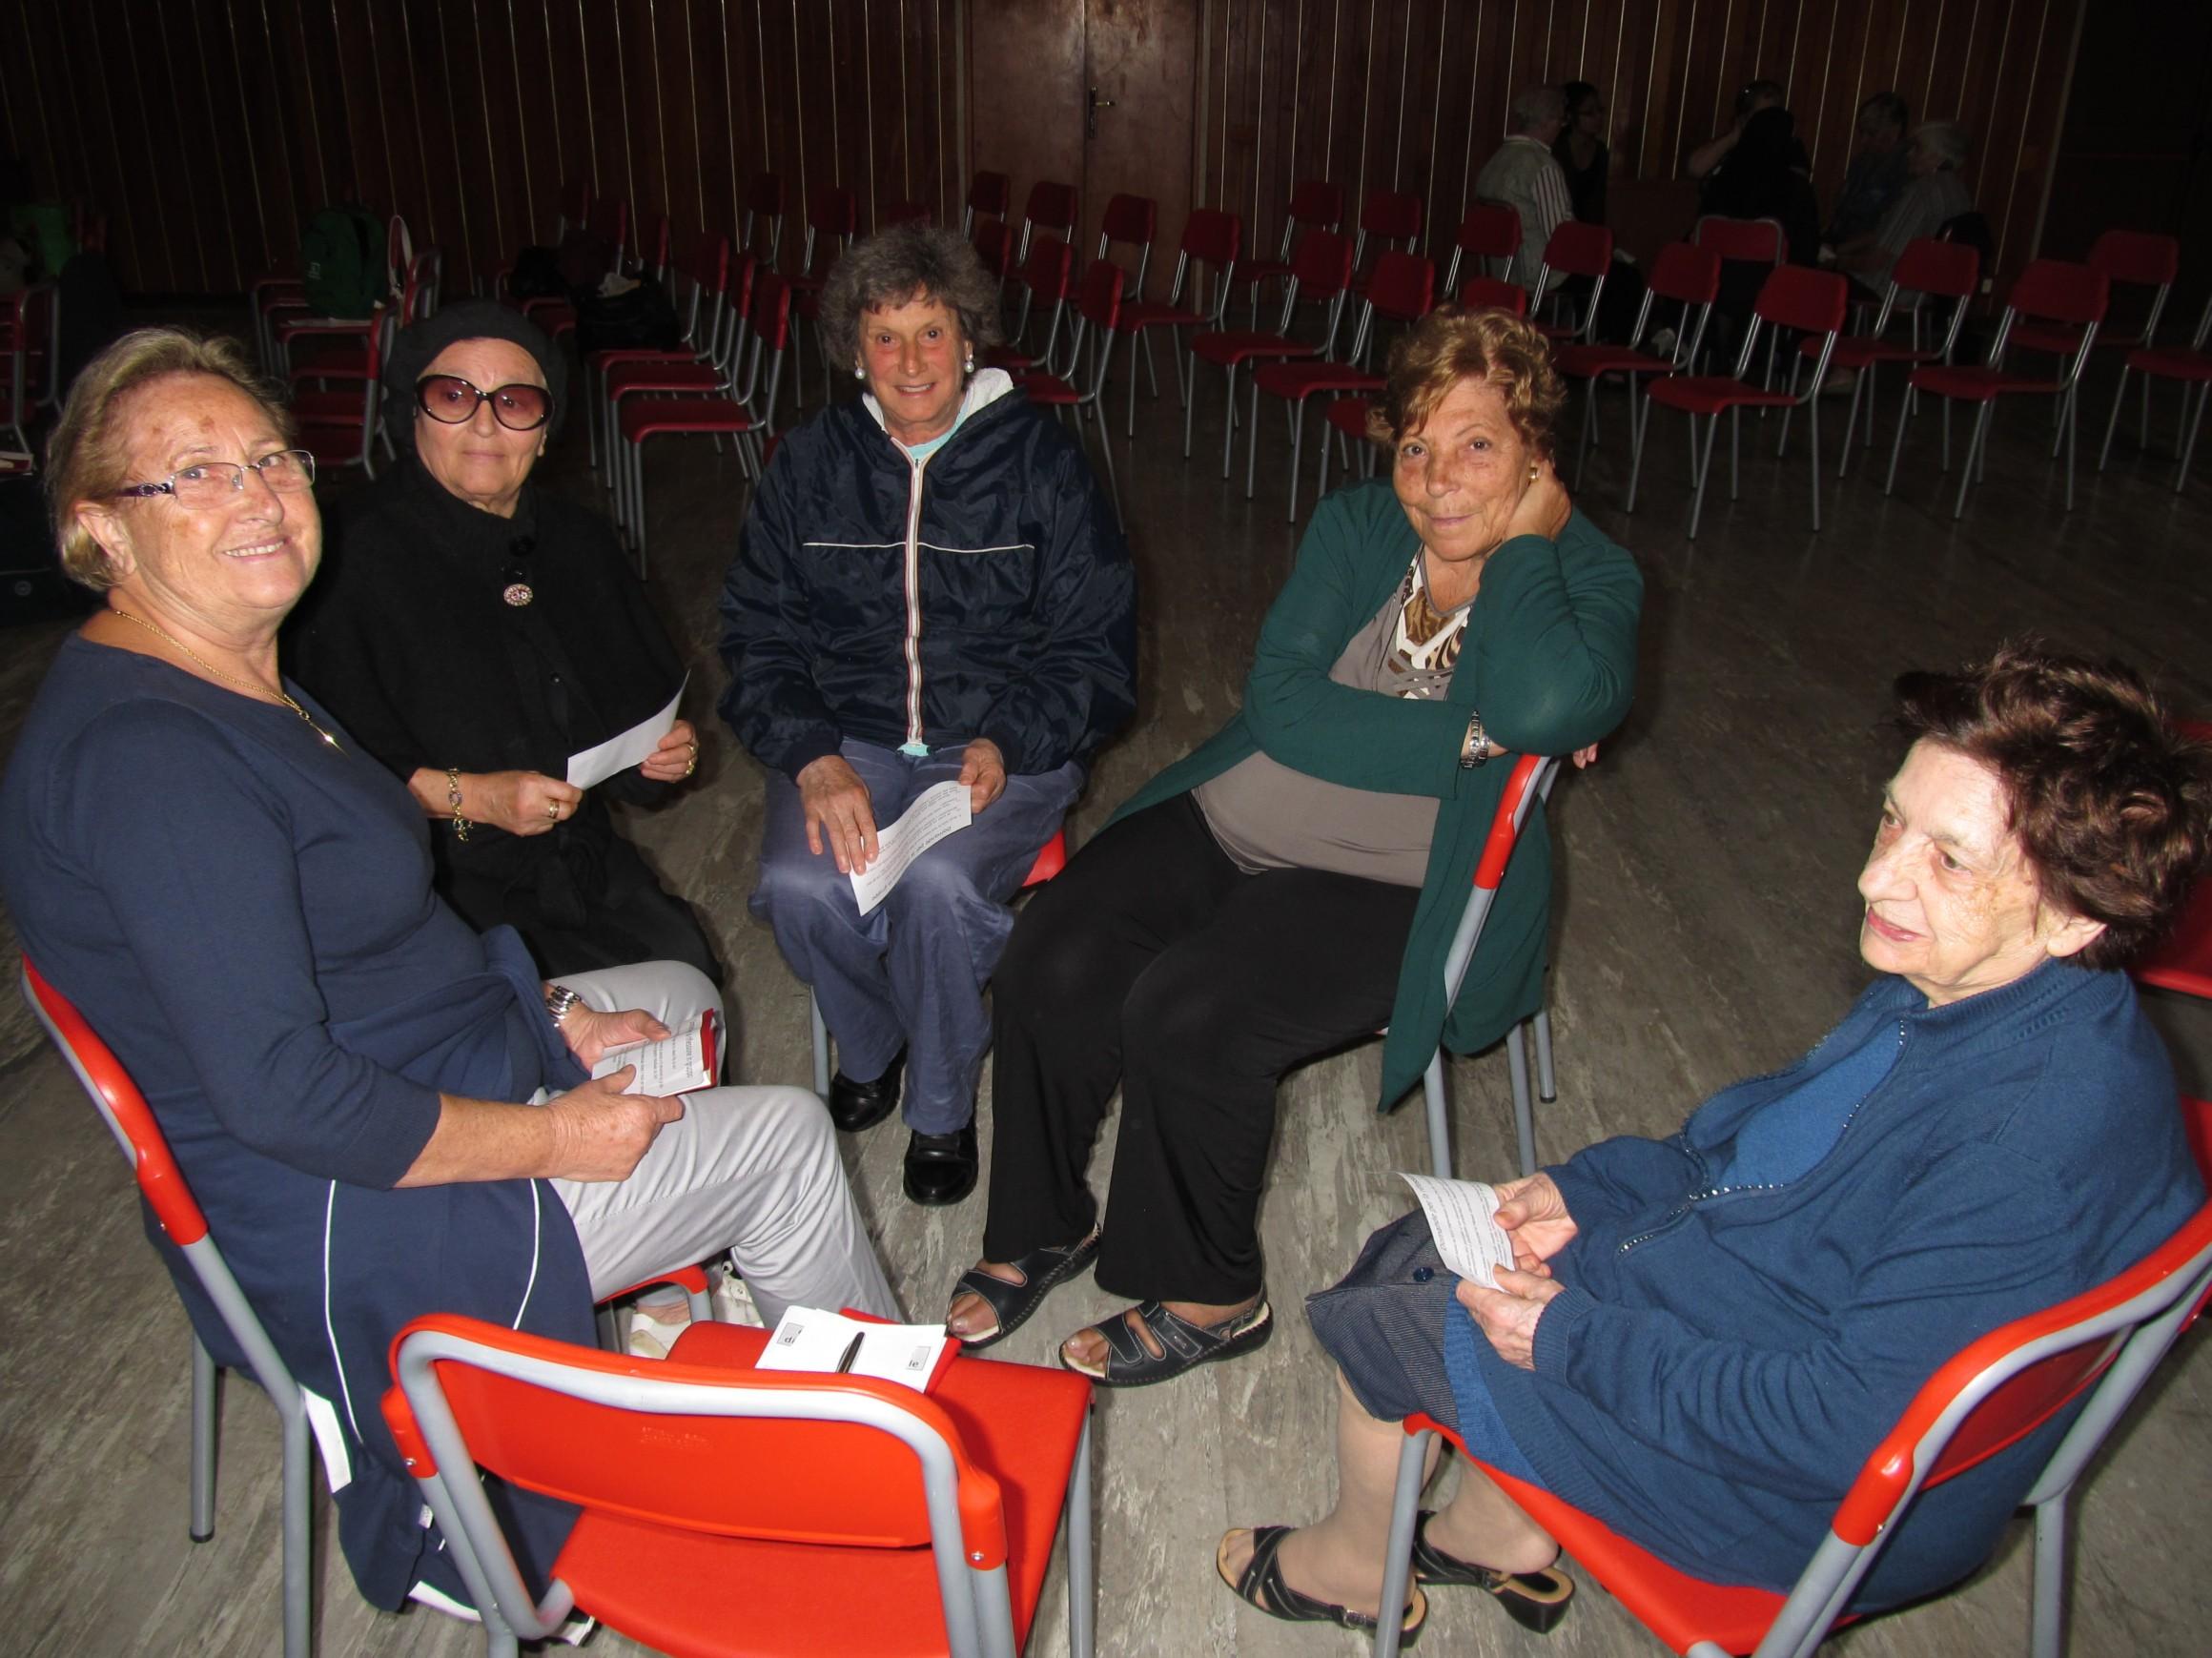 giornata_comunita_arenzano-2013-09-22-11-14-14